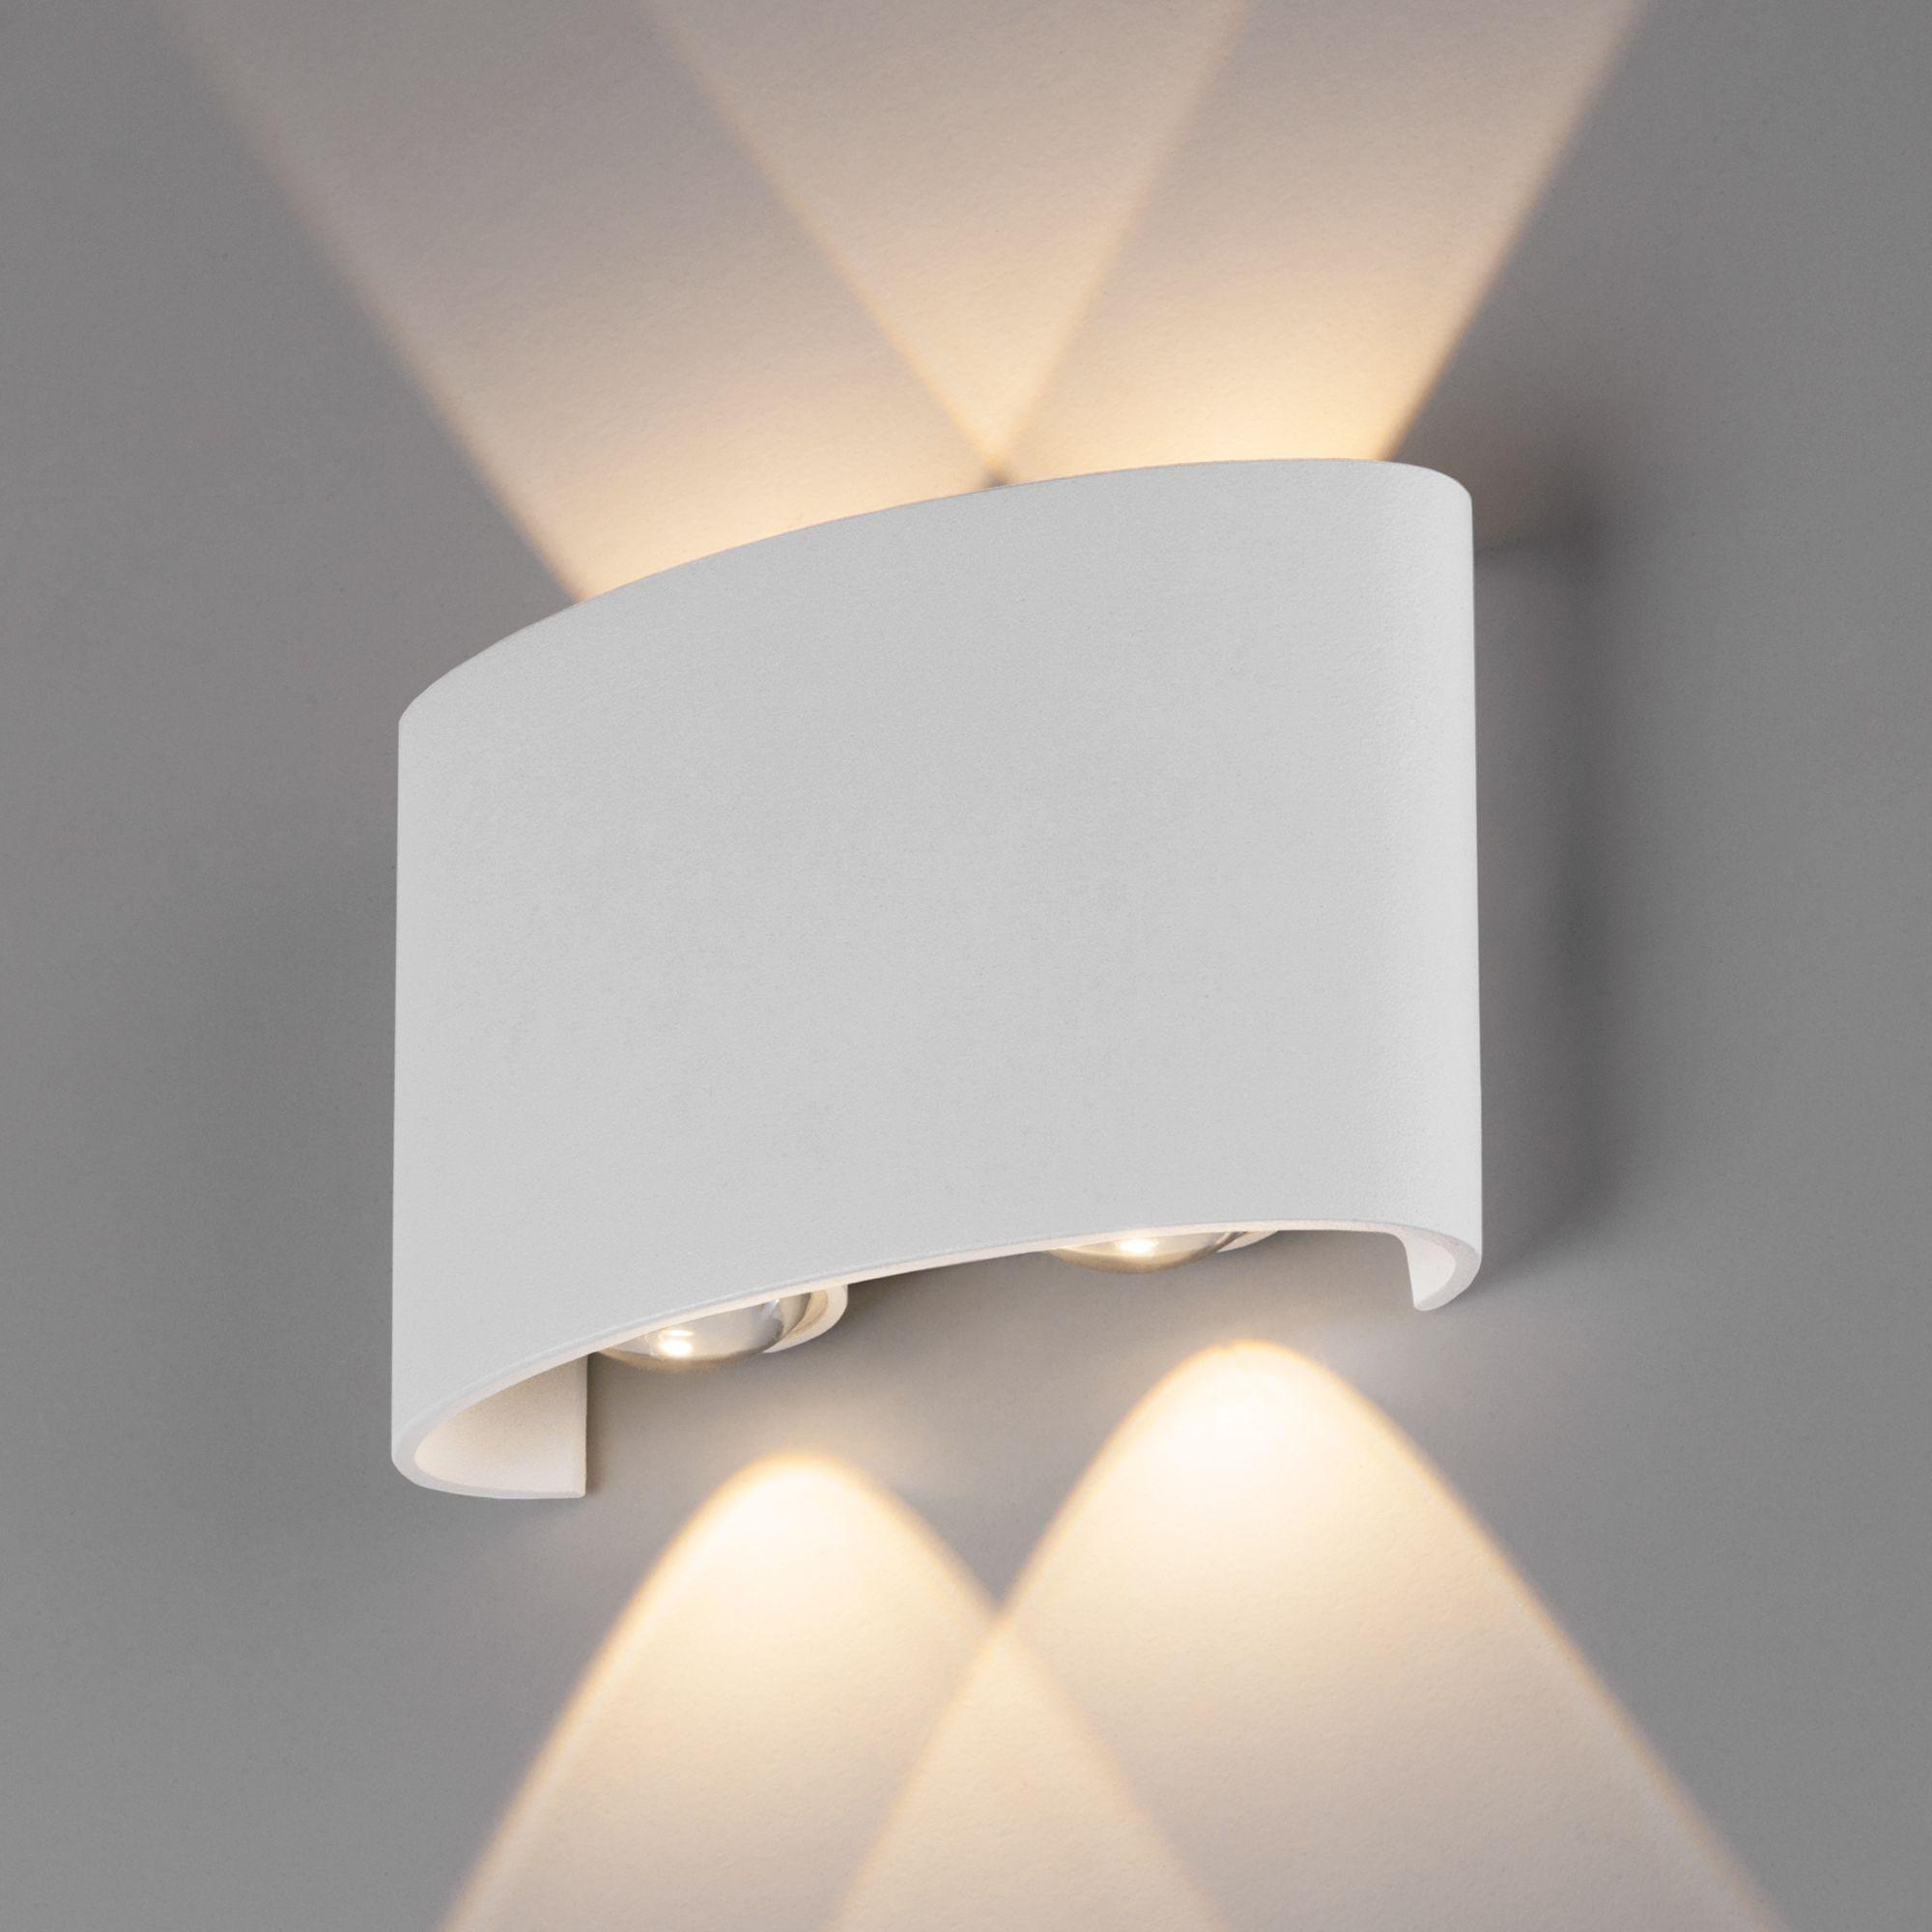 Пылевлагозащи<wbr>щенный светодиодный светильник Twinky Double белый IP54 1555 Techno LED белый